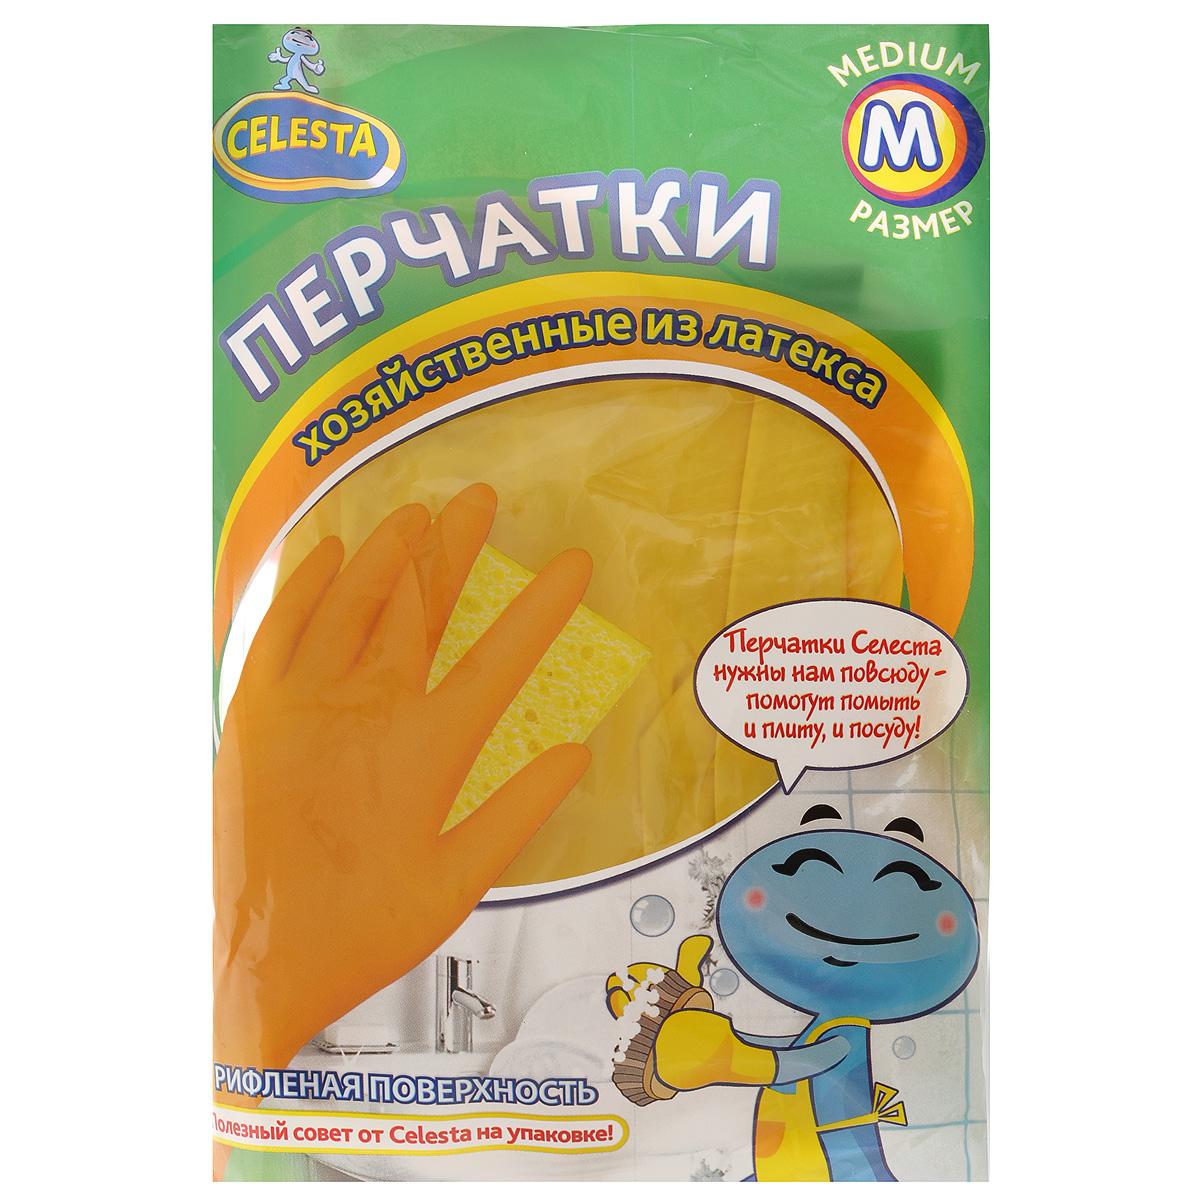 Перчатки хозяйственные Celesta, цвет: желтый. Размер М10503Универсальные перчатки Celesta произведены из высококачественного латекса, рифленая поверхность позволяет удерживать мокрые предметы. Перчатки подходят для различных видов домашних работ. Перчатки эластичны, хорошо облегают руку.